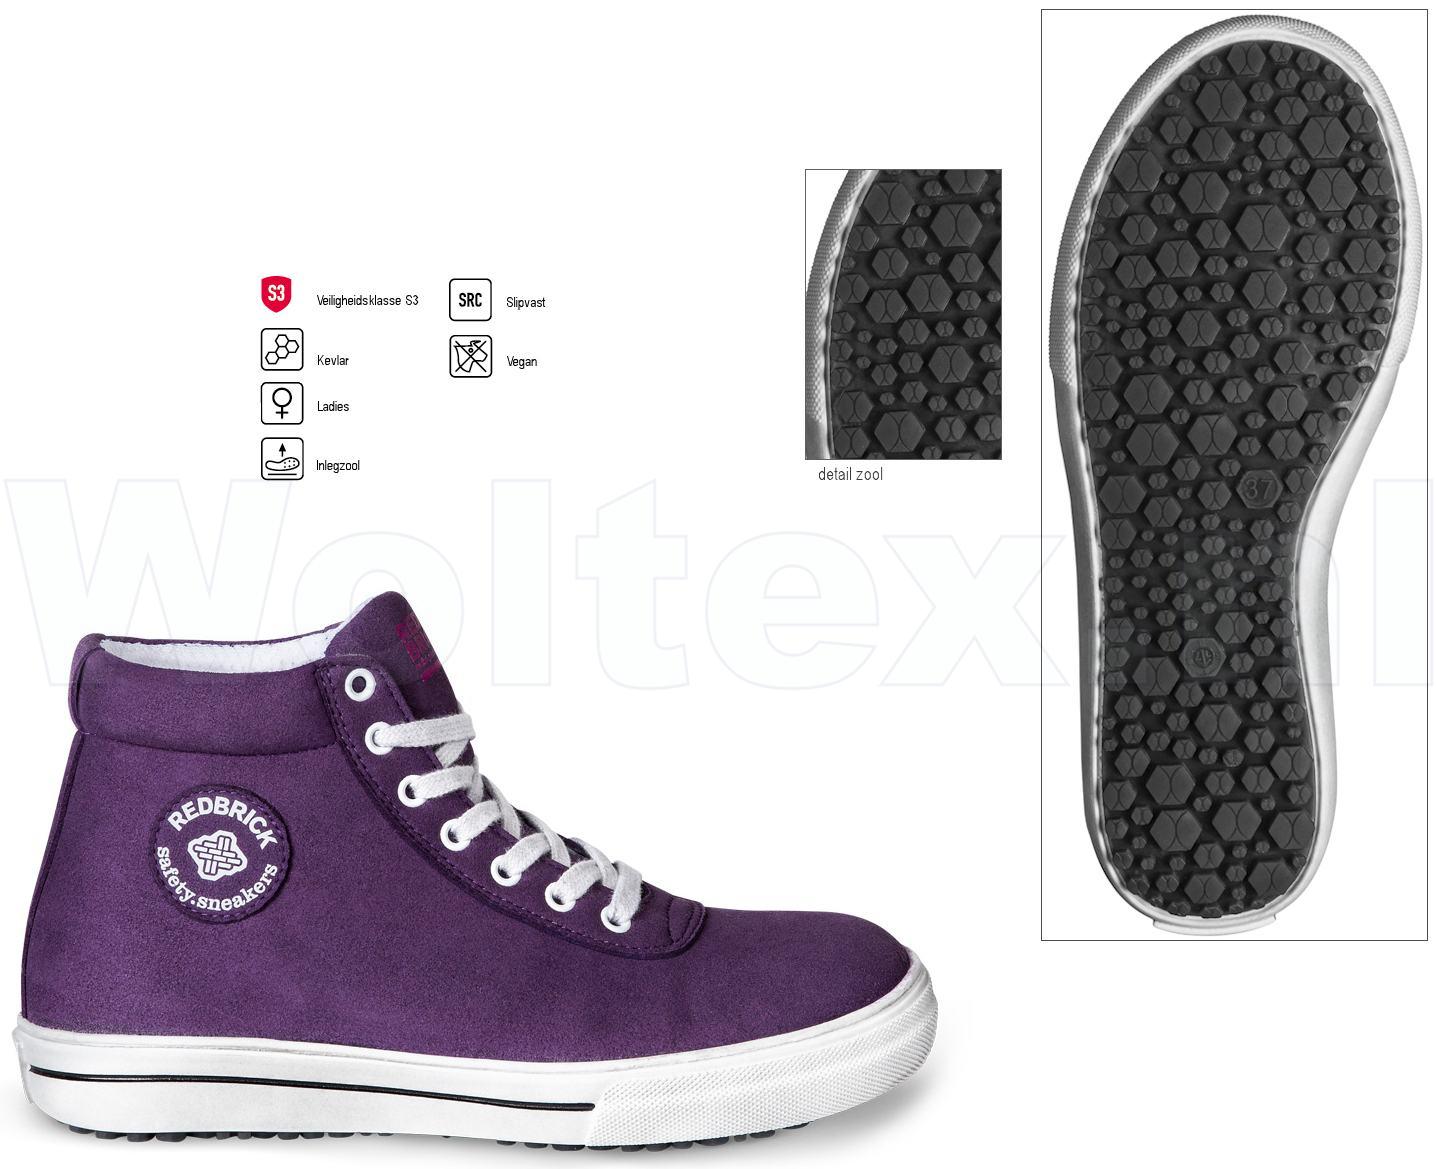 Redbrick Dames Werkschoenen.Redbrick Ladies Line Veiligheidsschoenen Louise Paars 36